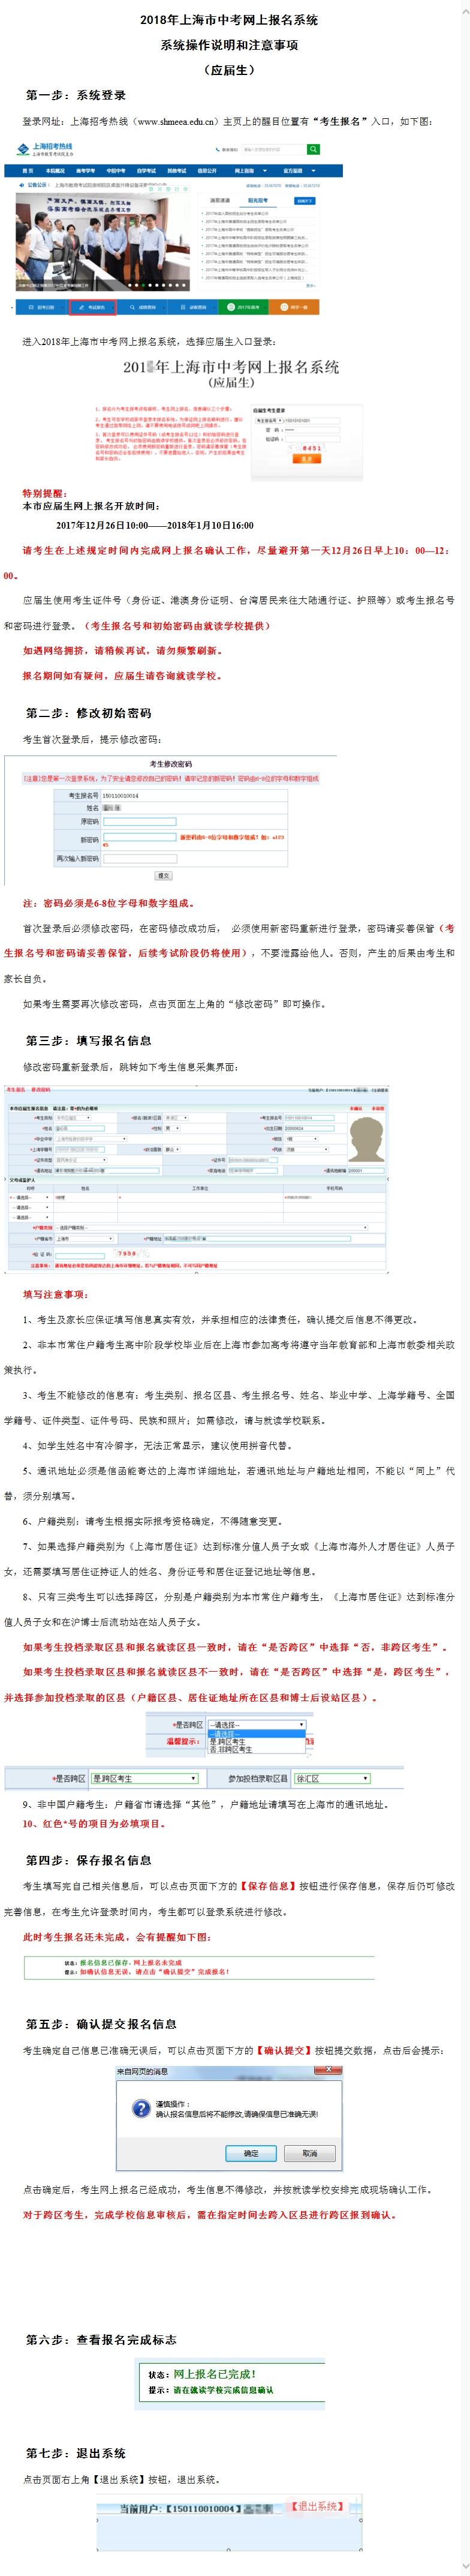 ★2018年上海中考网上报名系统操作说明和注意事项公布